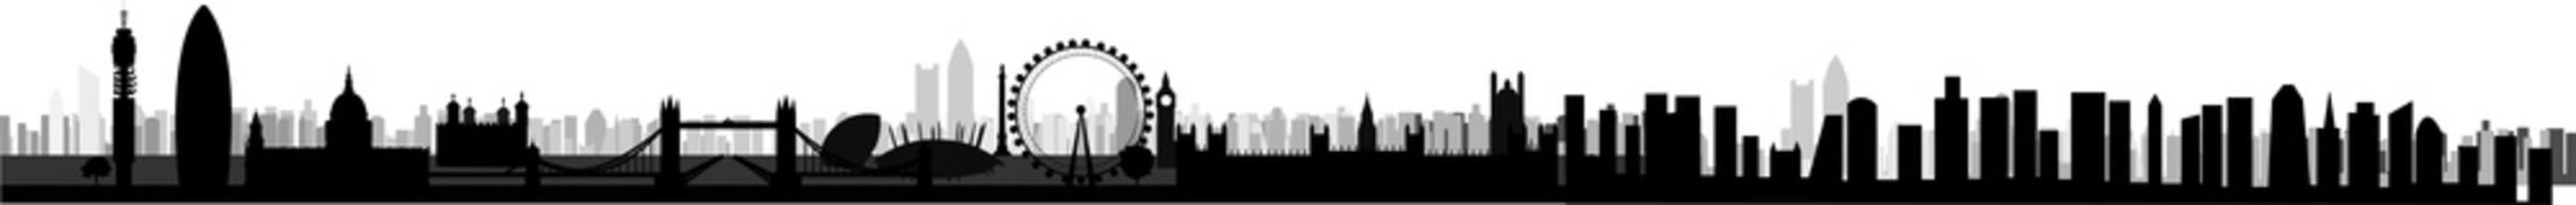 ロンドンの都会の街並みのシルエット